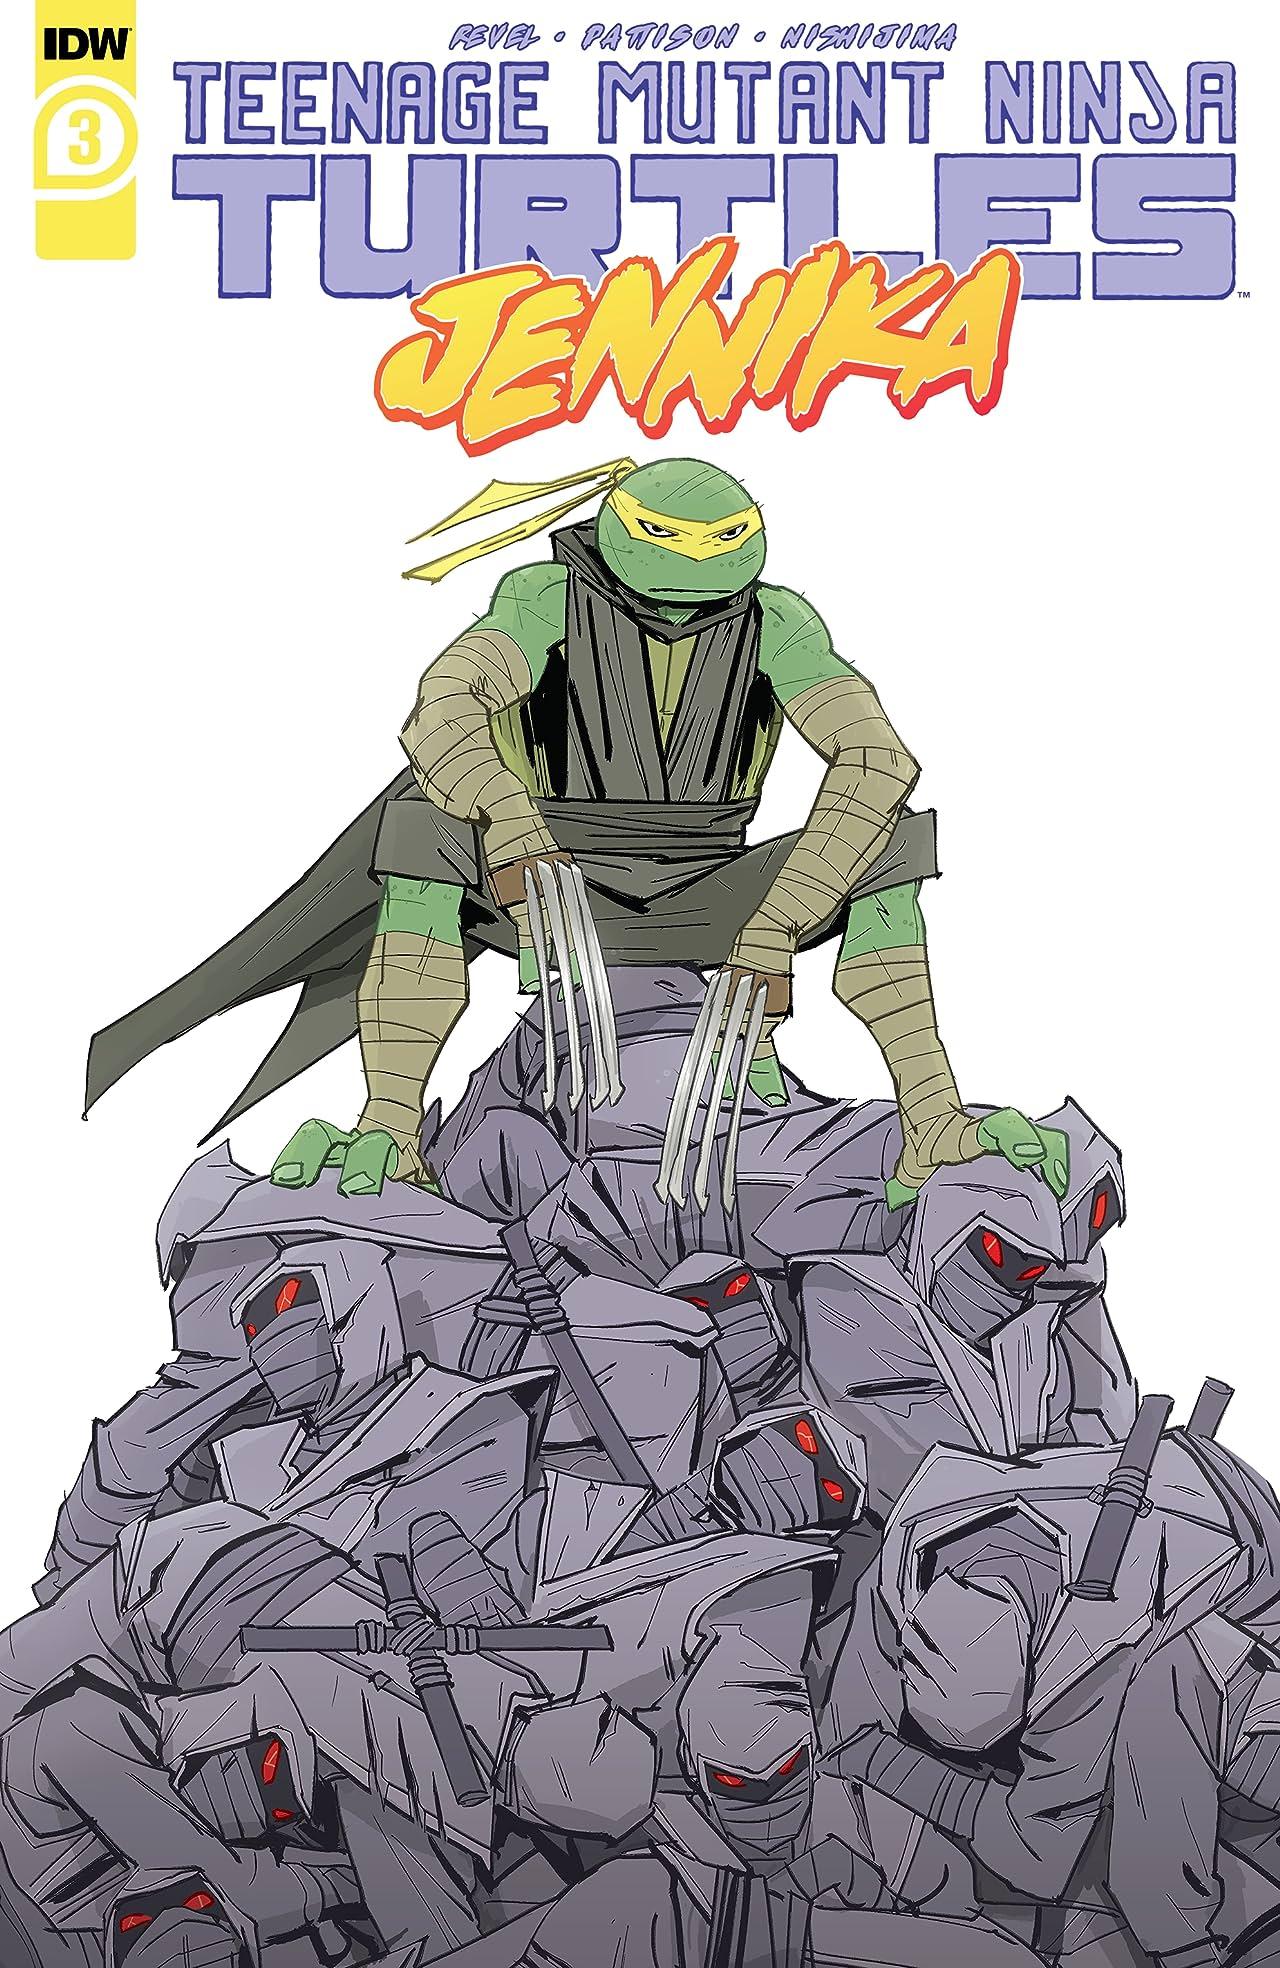 Teenage Mutant Ninja Turtles: Jennika No.3 (sur 3)